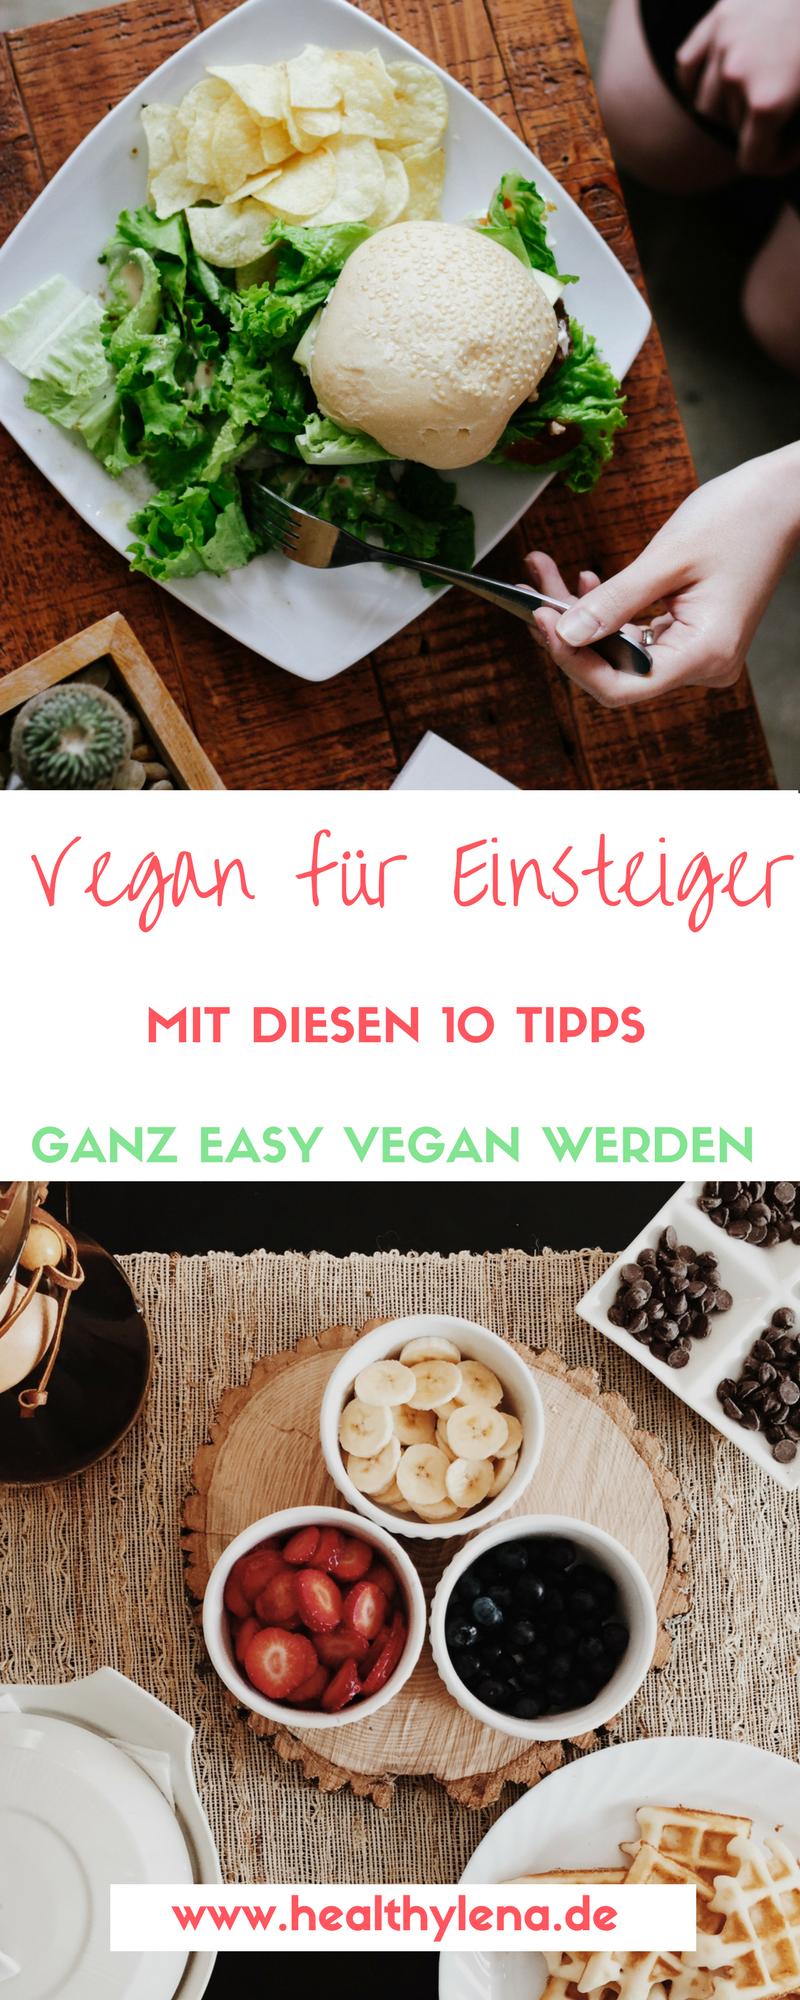 Vegan Fur Einsteiger Mit Diesen 10 Tipps Easy Vegan Werden Vegan Einkaufen Vegan Vegane